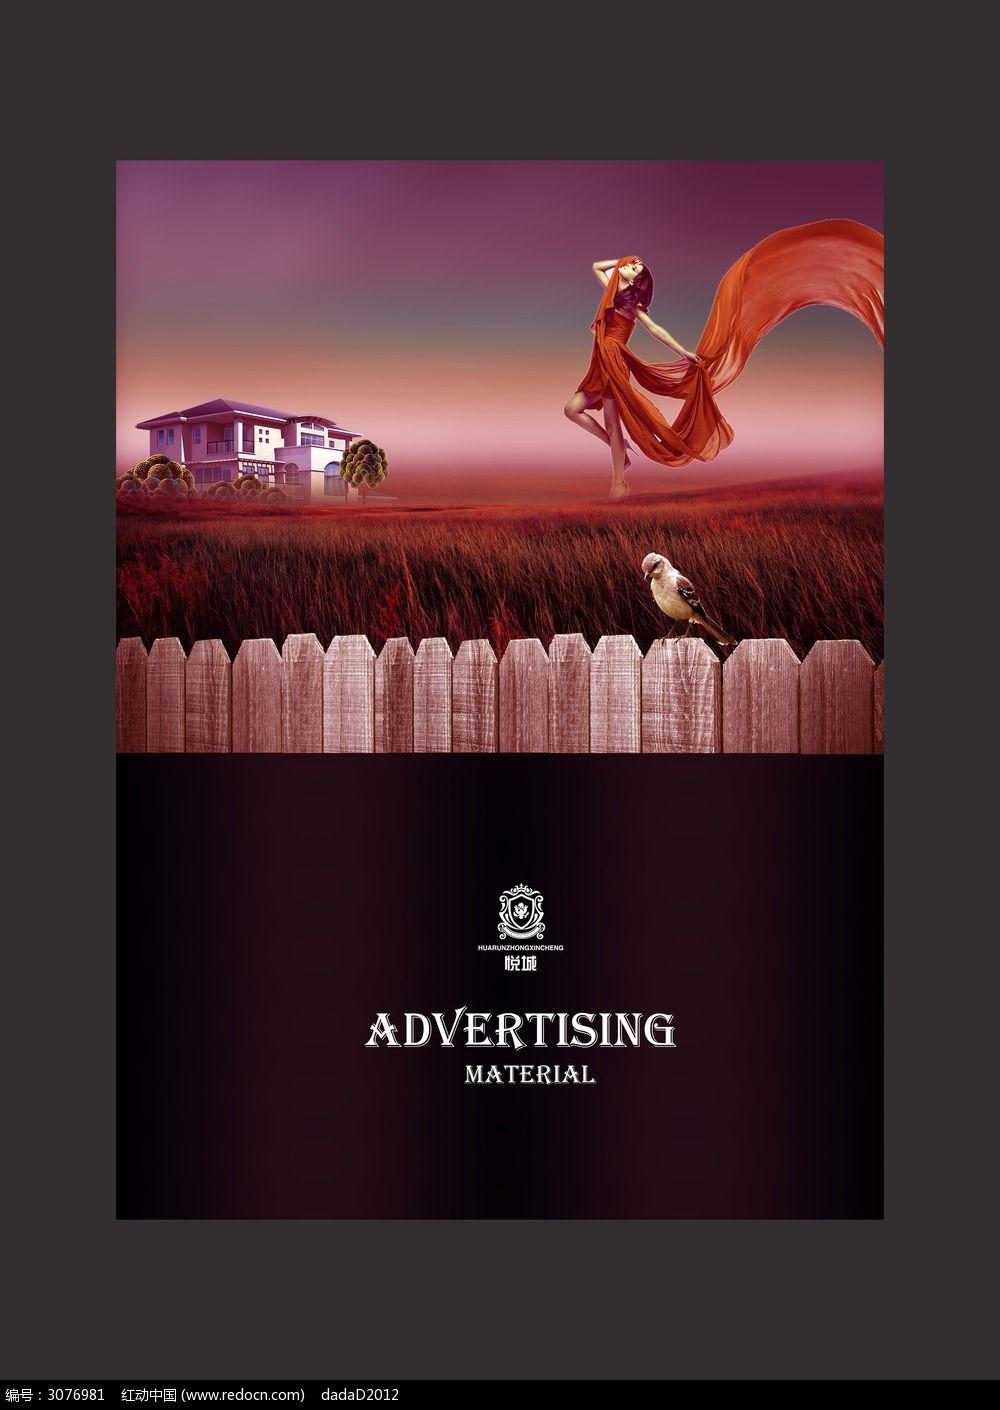 欧式洋房房地产广告_海报设计/宣传单/广告牌图片